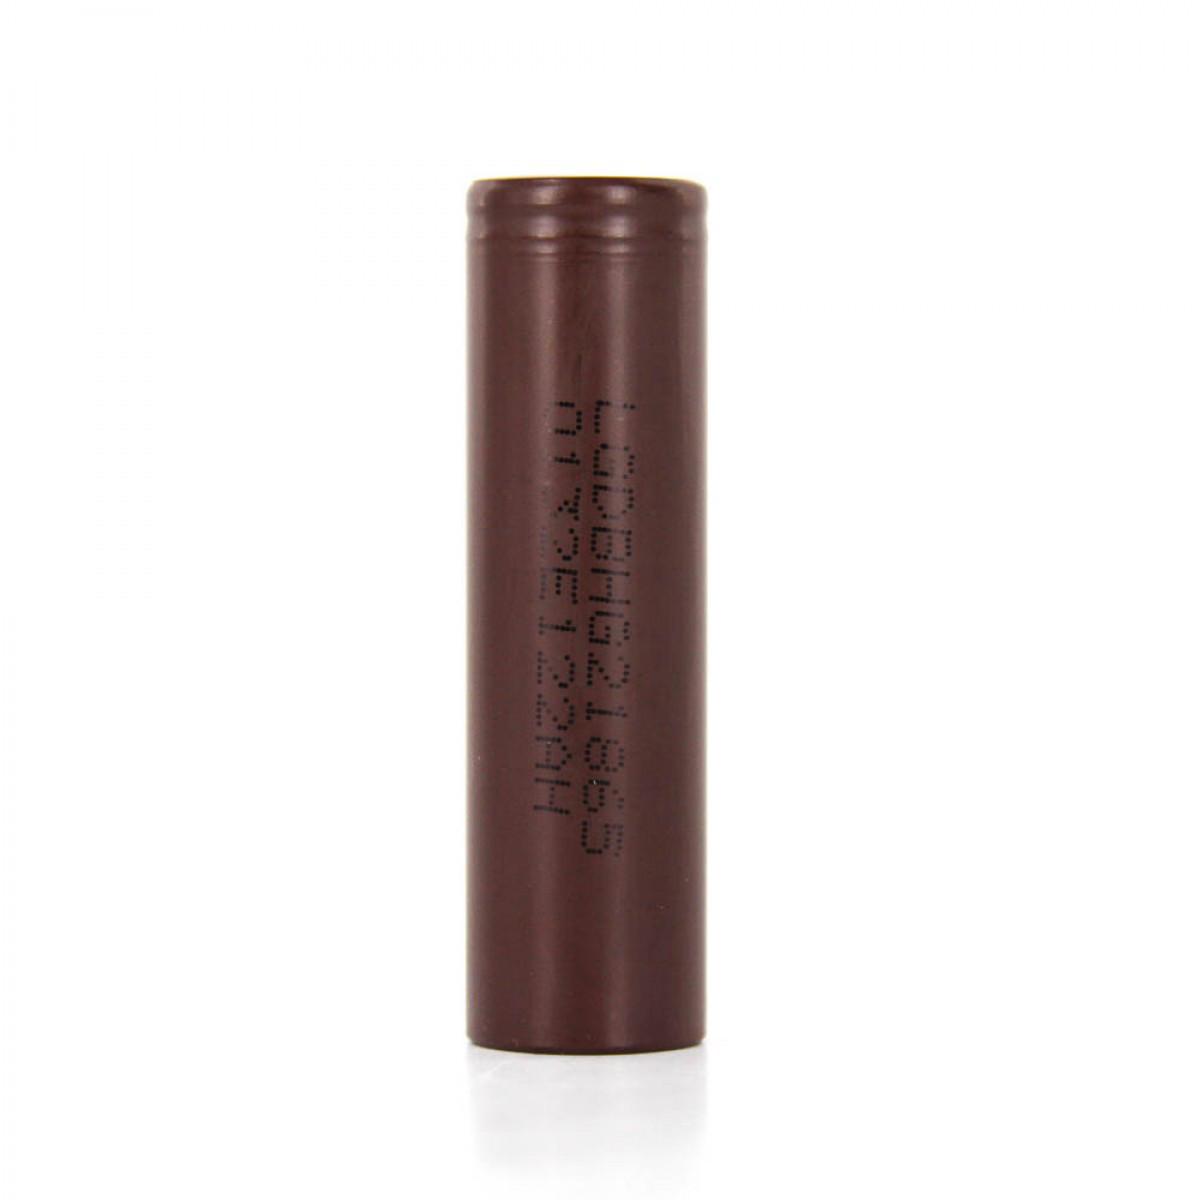 Высокотоковый аккумулятор для электронных сигарет. Оригинал LG INR18650HG2 3000 mAh (до 30А)